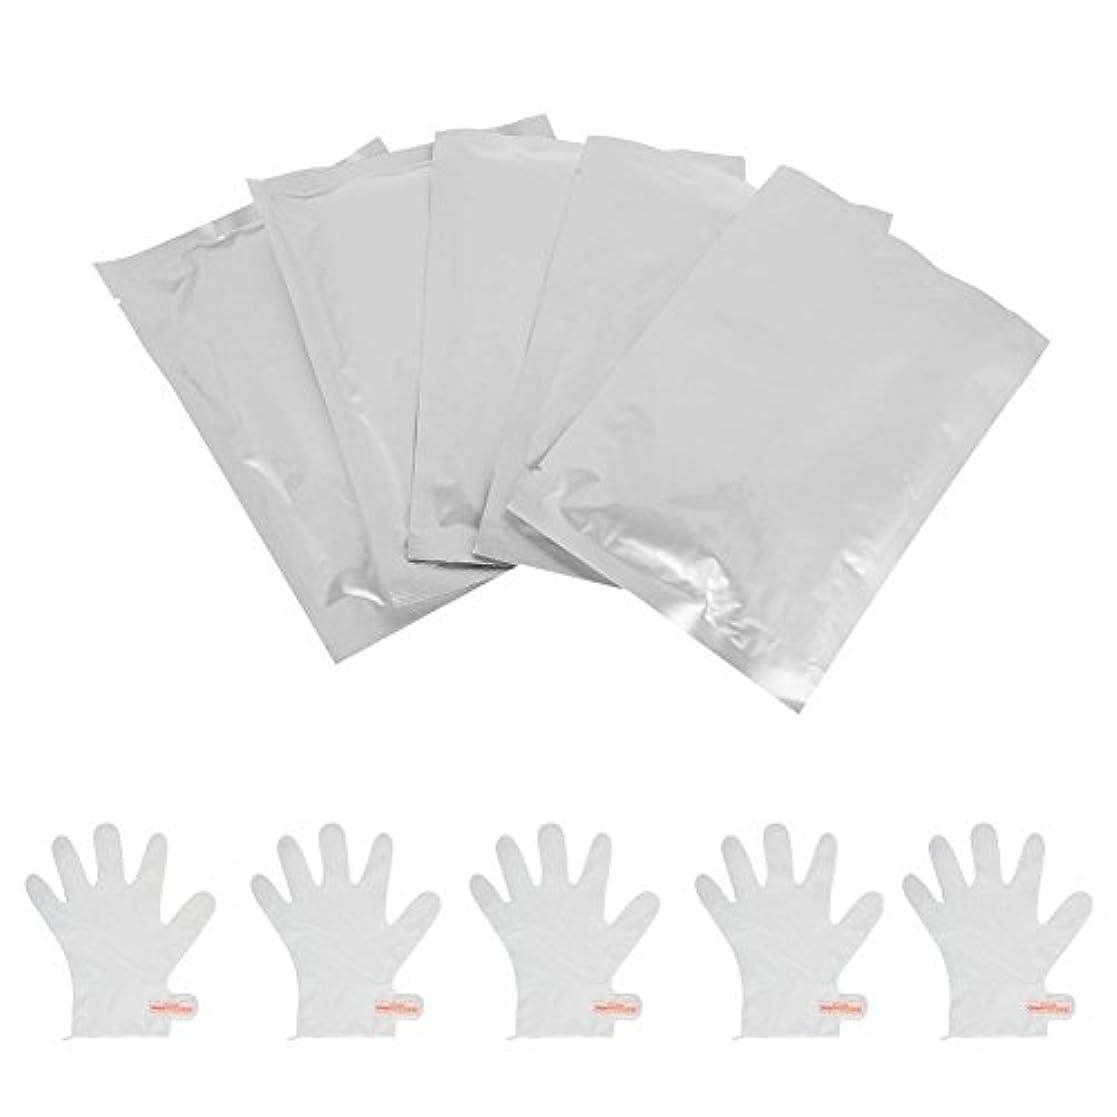 略語ベジタリアン変わるOchun ハンドマスク ハンドパック しっとり 保湿ケア 手荒れを防ぐ 乾燥の季節に適用 手袋のようにはめるだけ 10枚セット